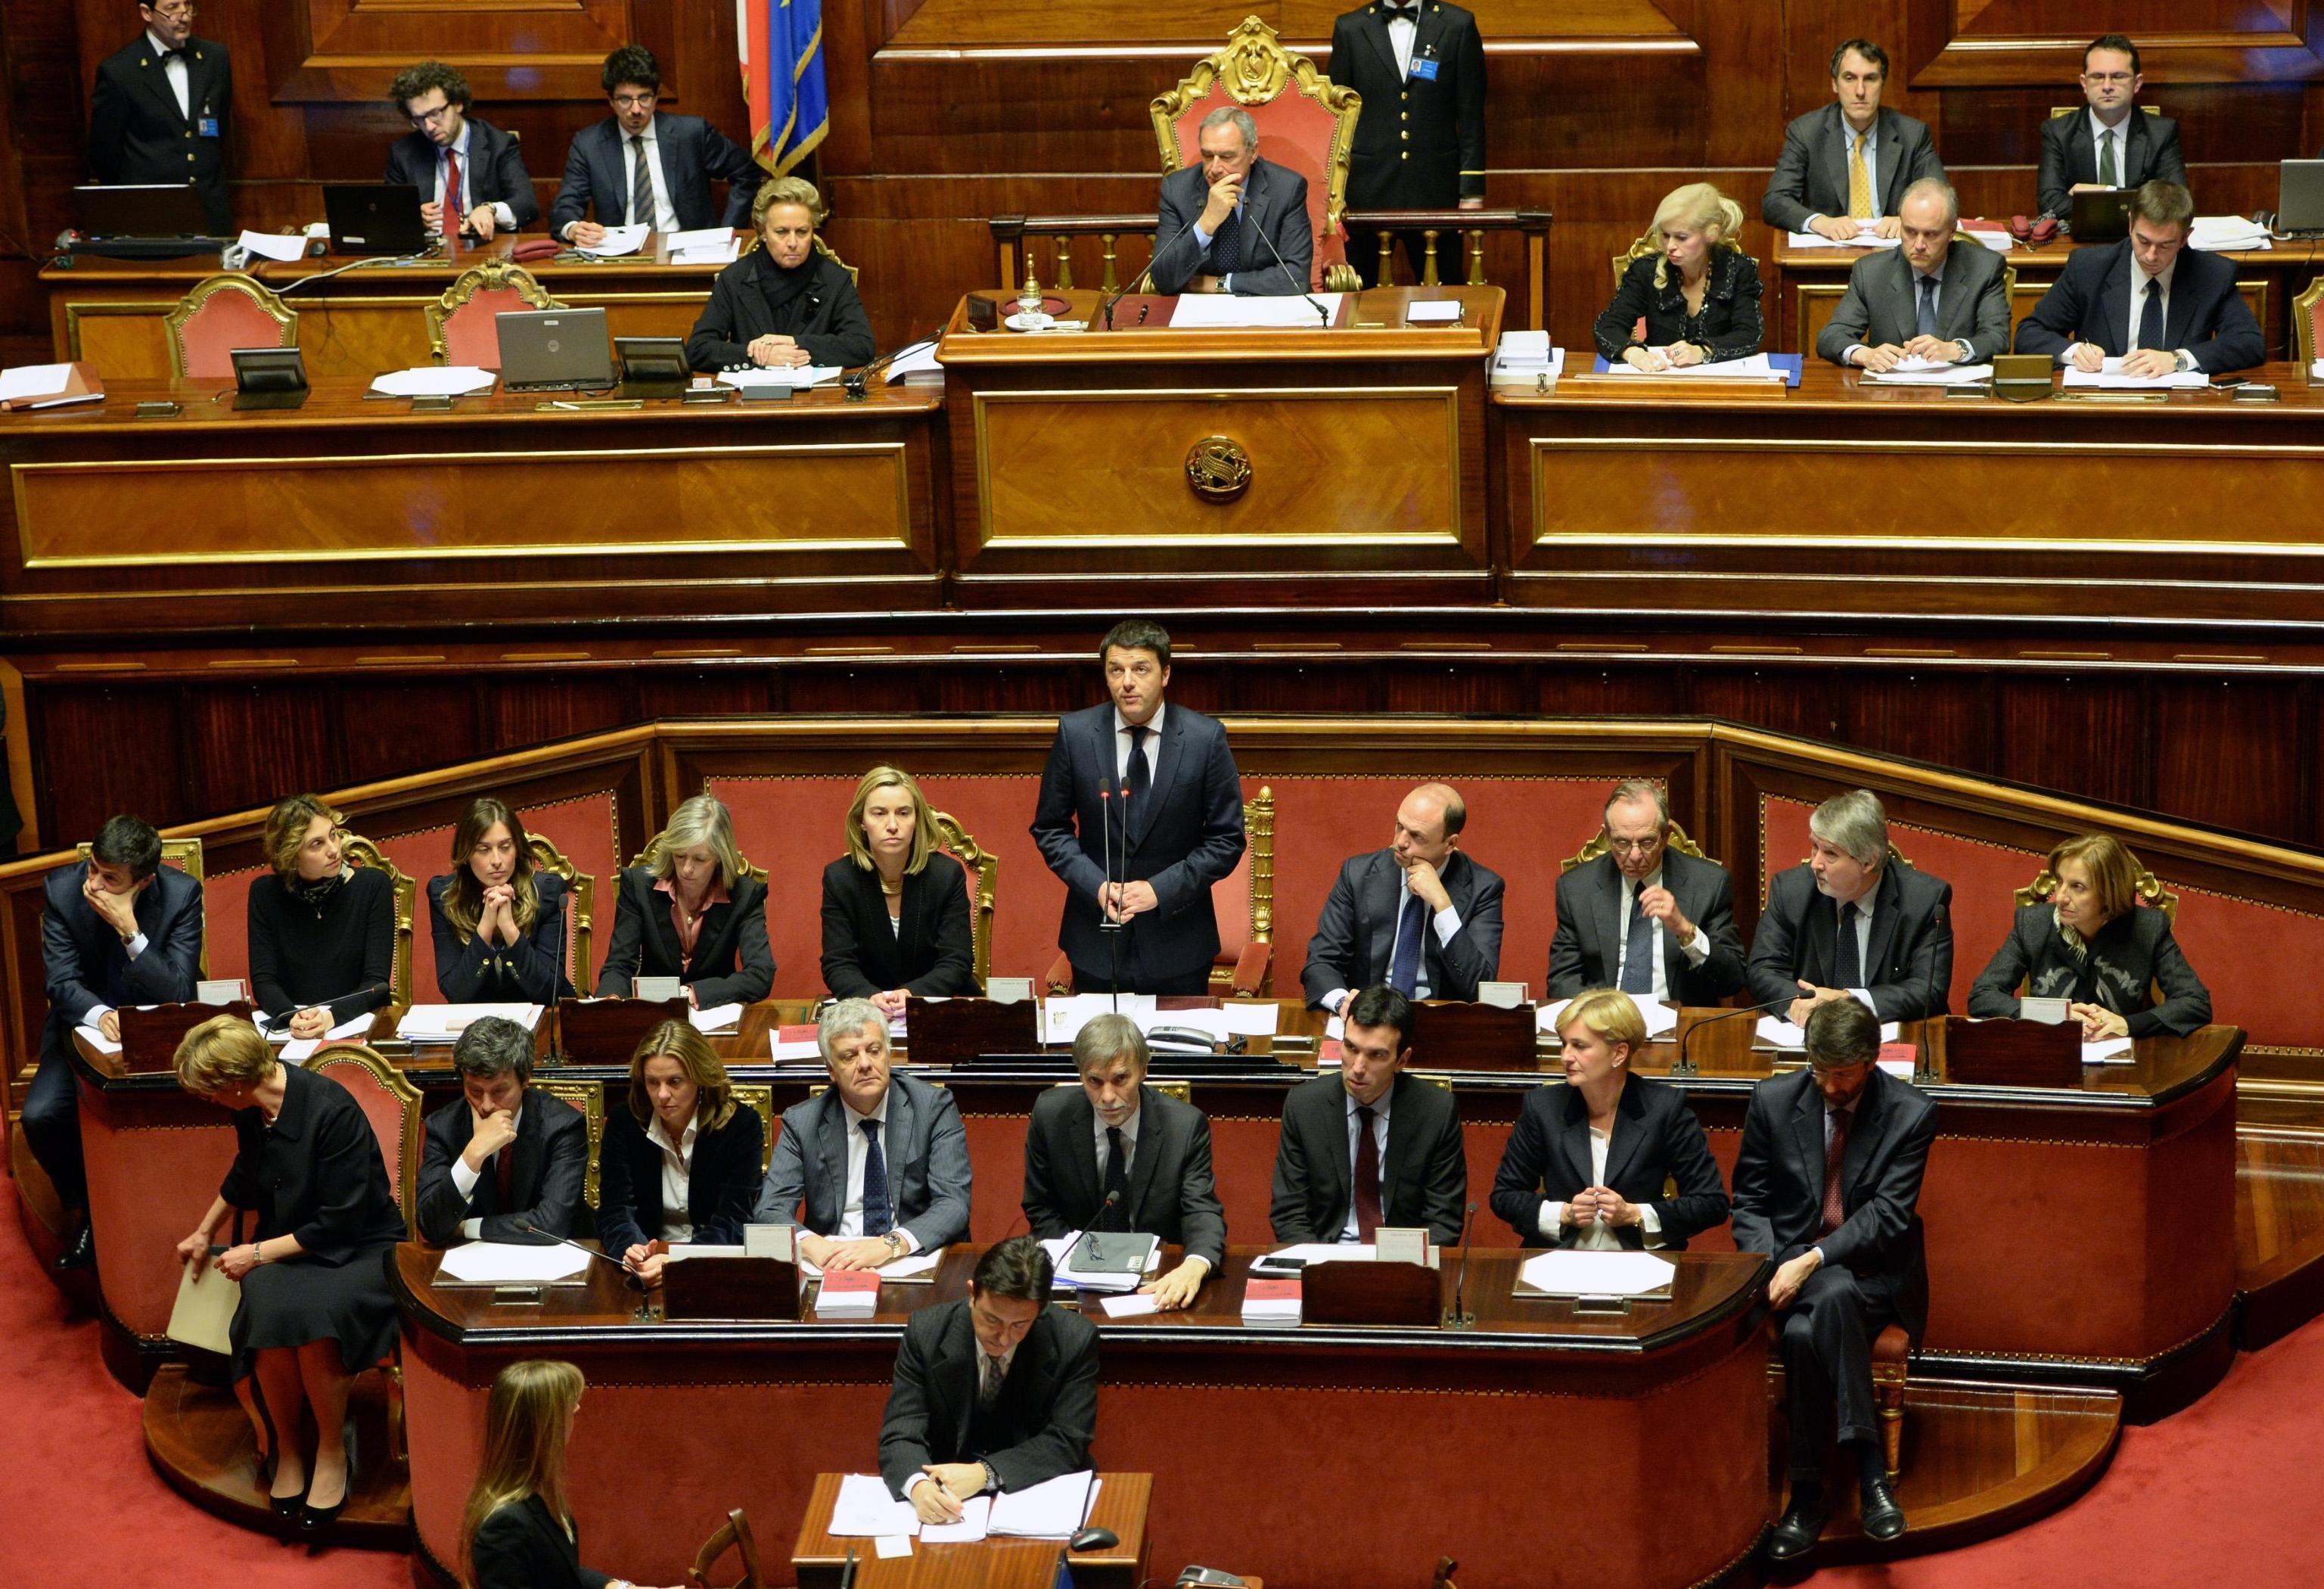 Matteo renzi chiede la fiducia in parlamento le foto for Parlamento rai